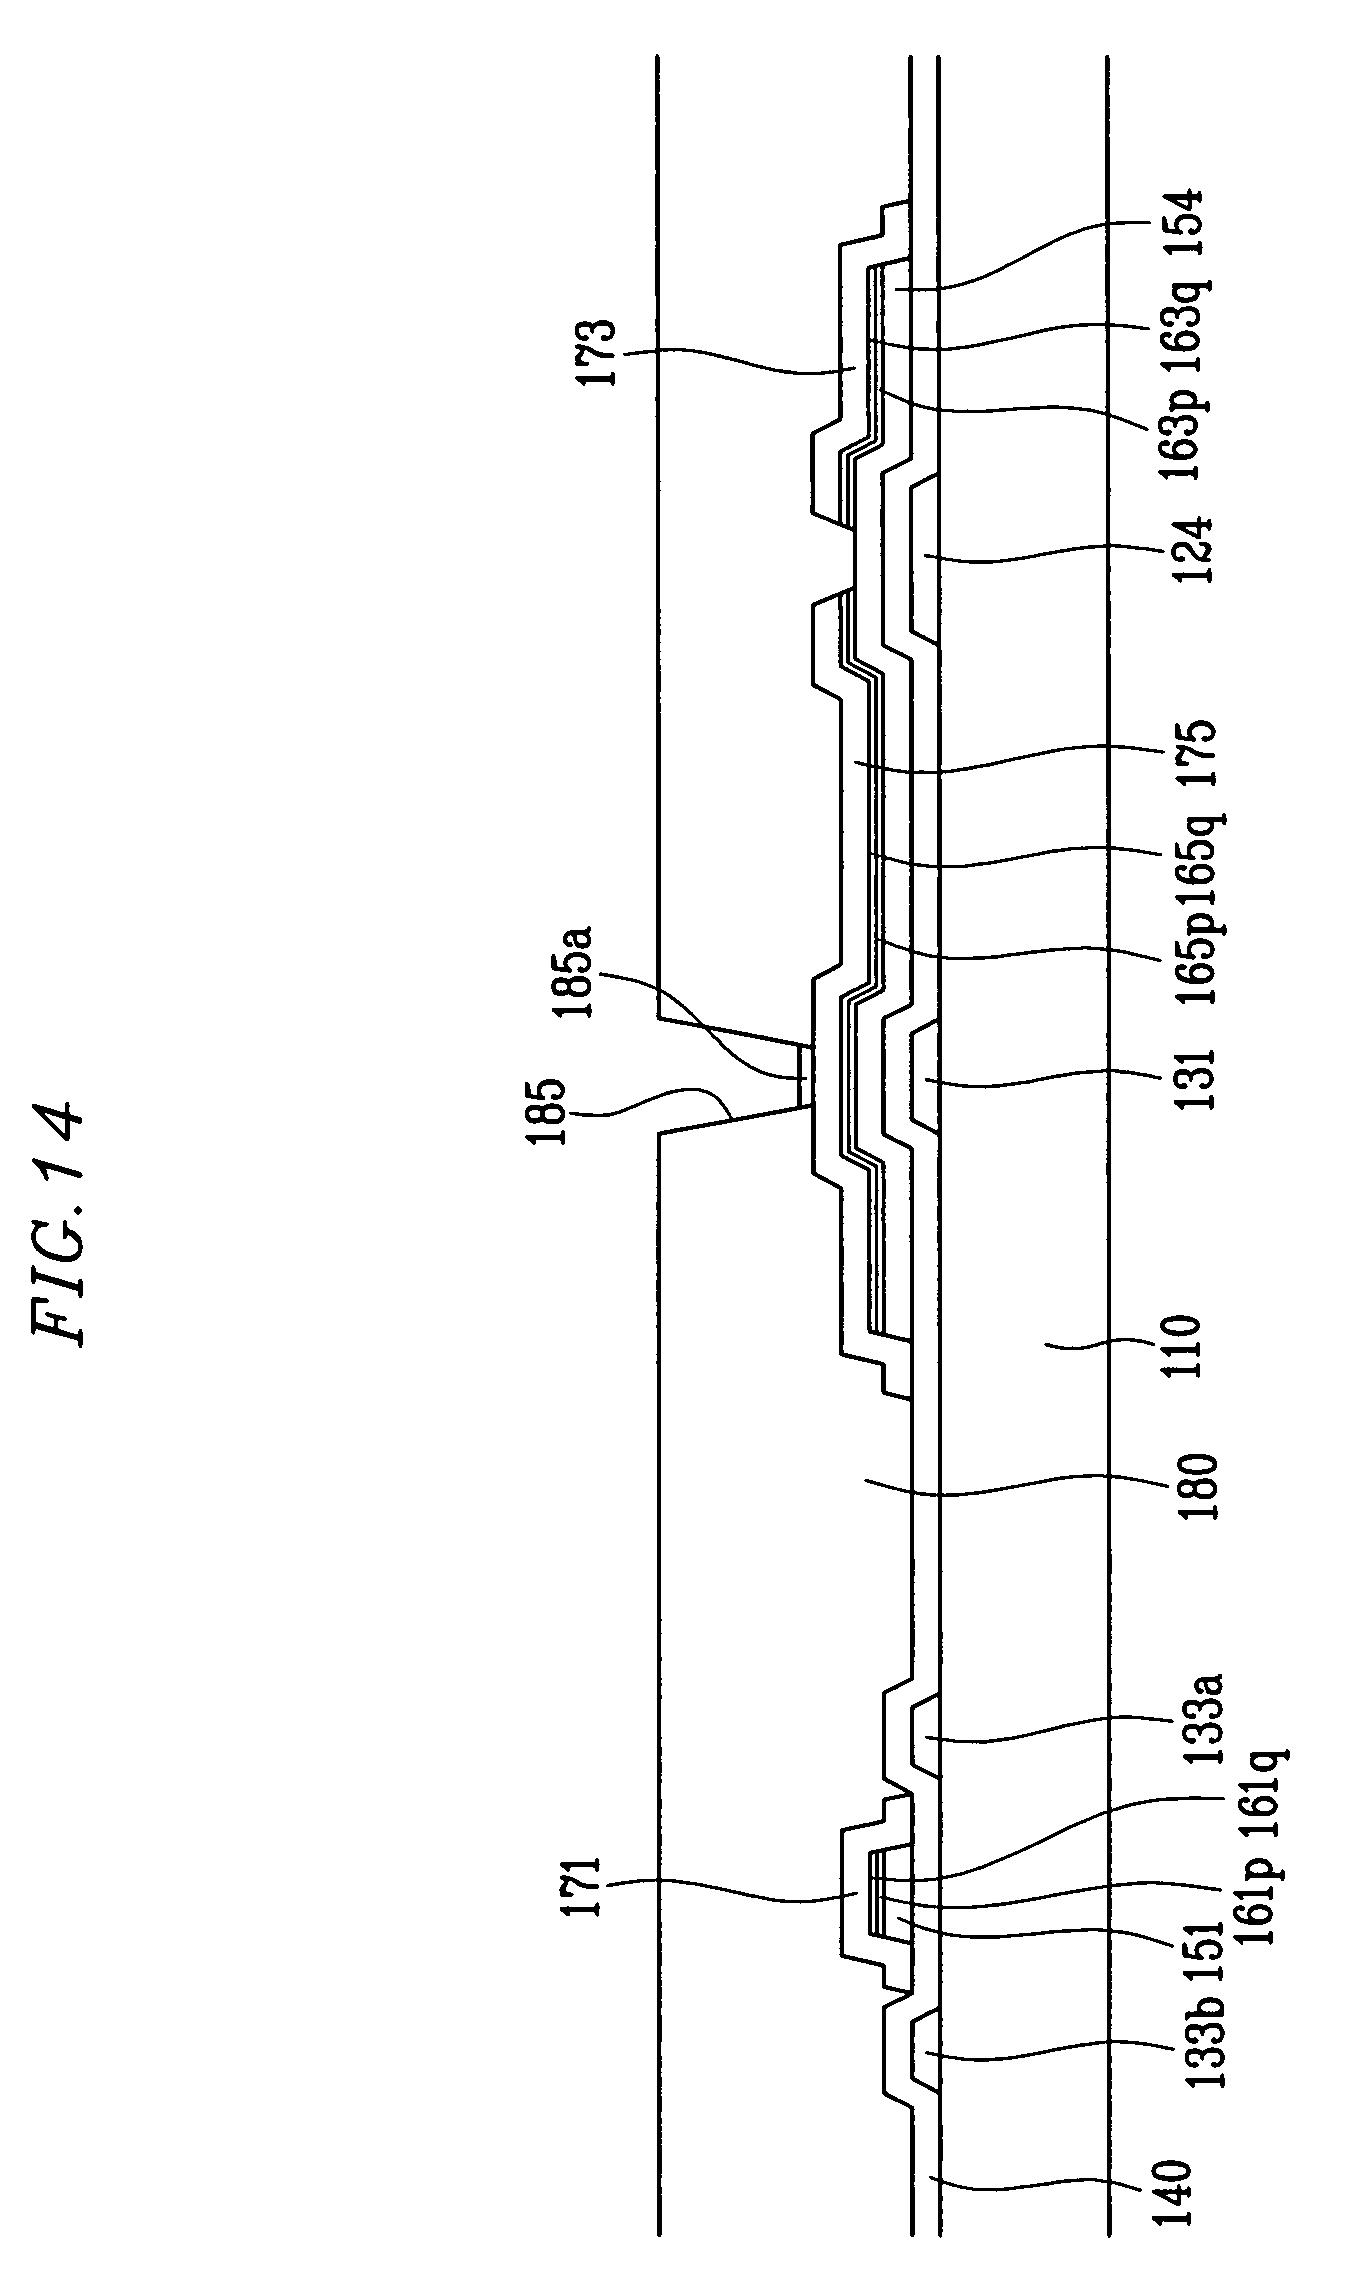 电路 电路图 电子 原理图 1351_2273 竖版 竖屏